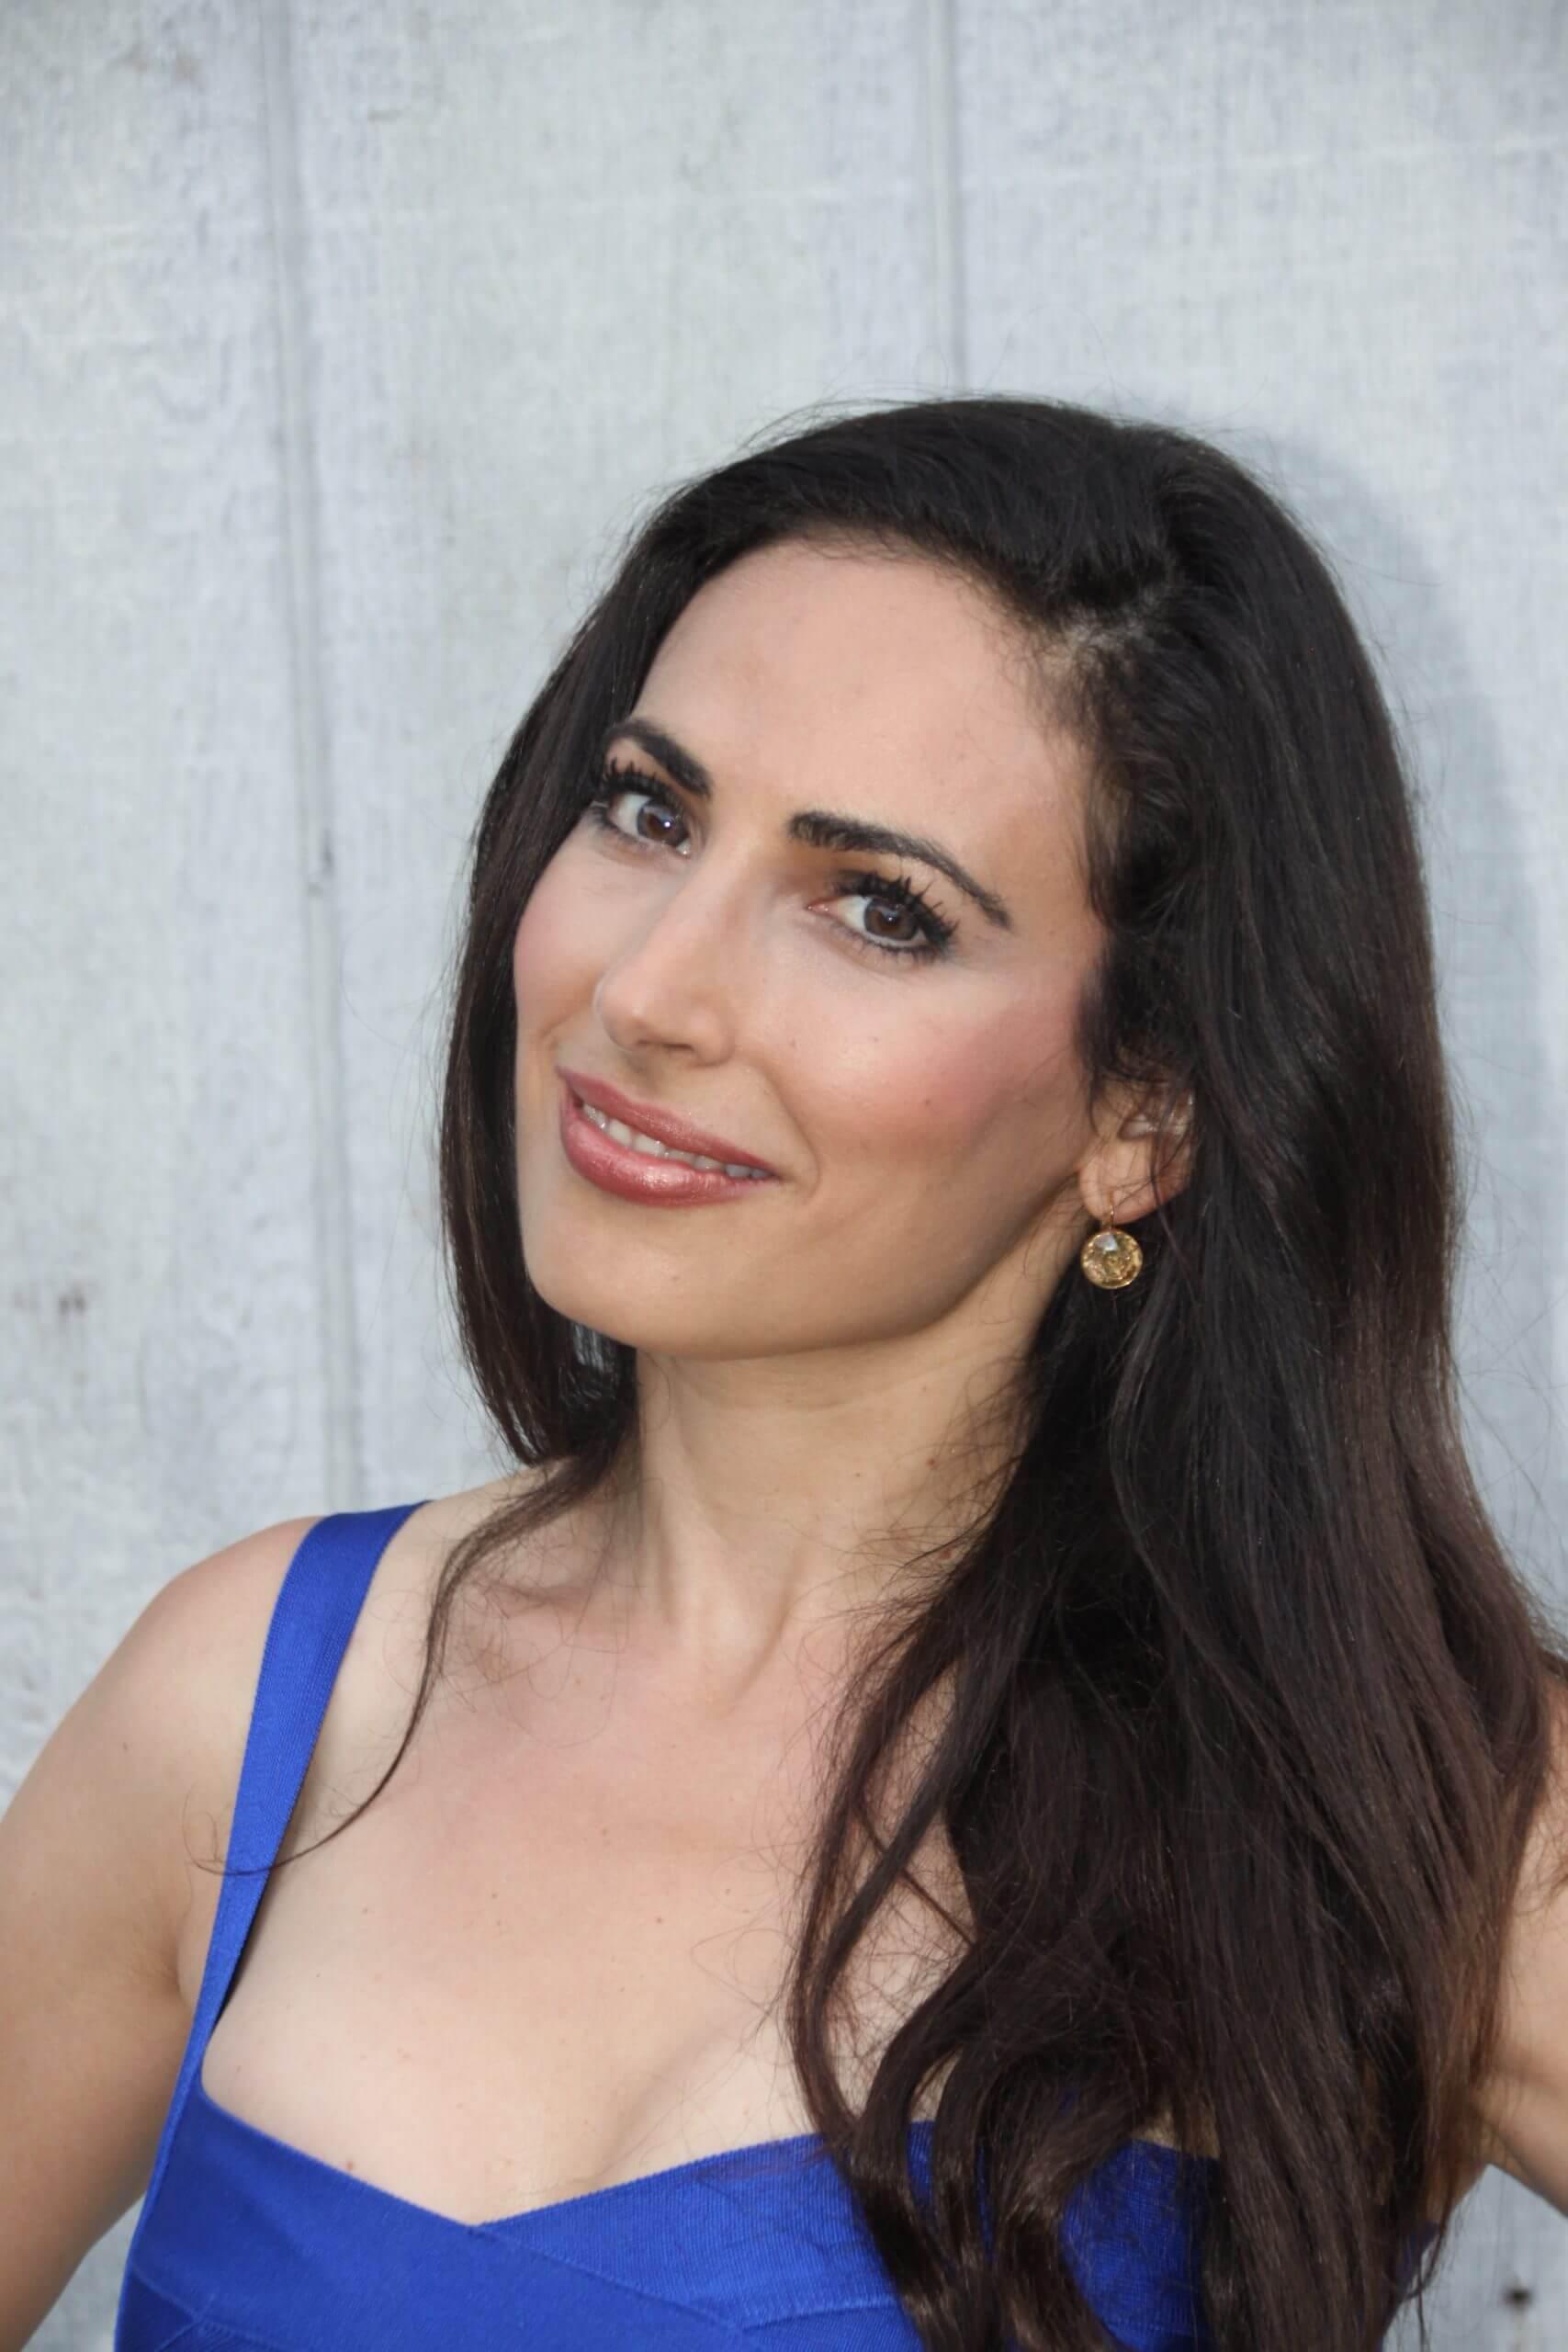 Carissa Kranz